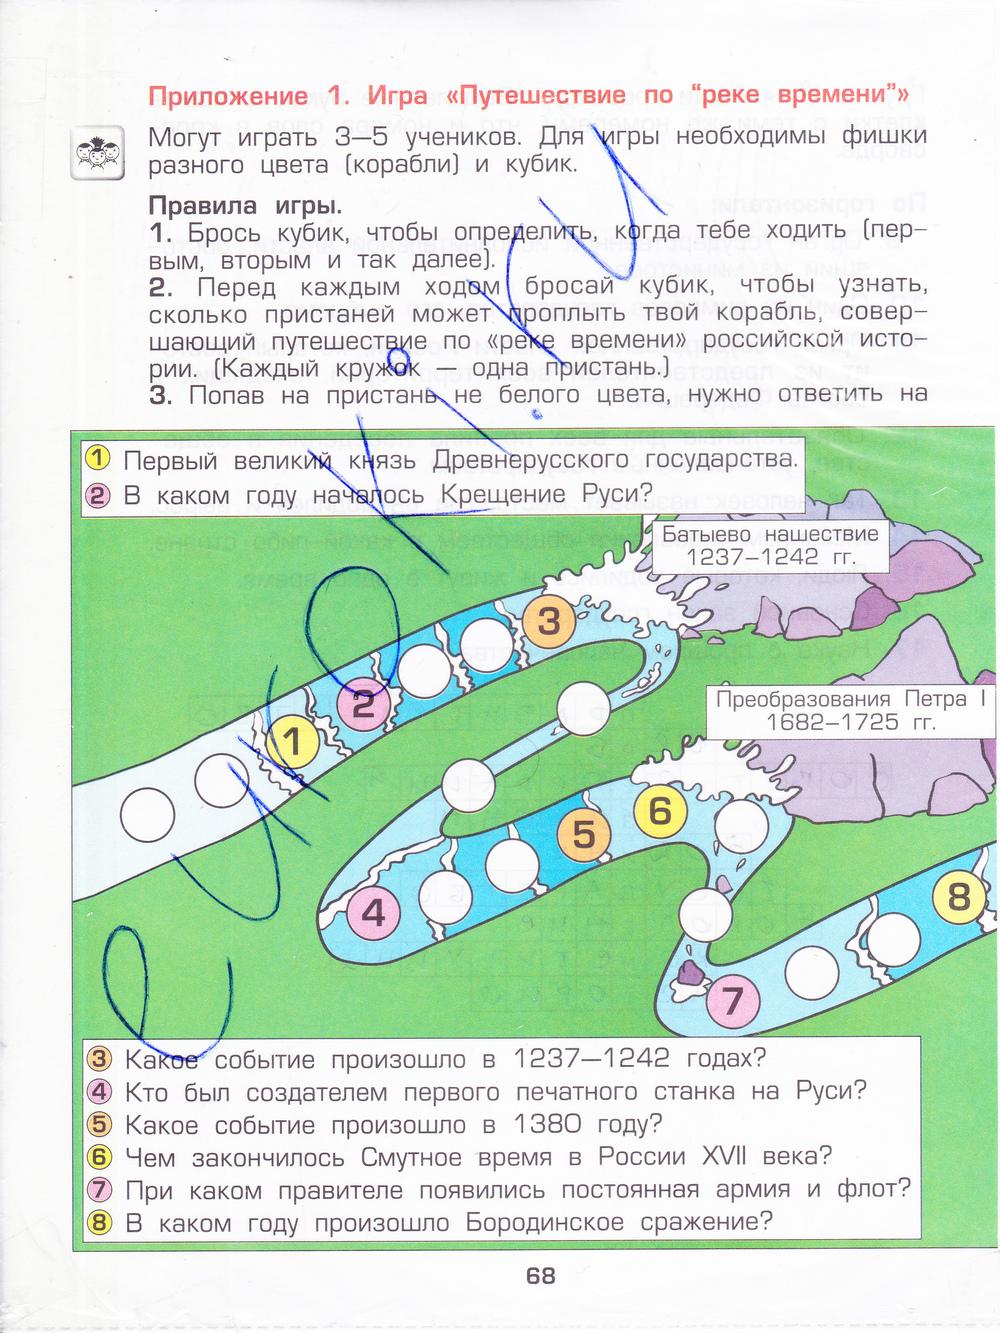 Окружающий Мир 3 Класс Данилов 2 Часть Ответы Решебник